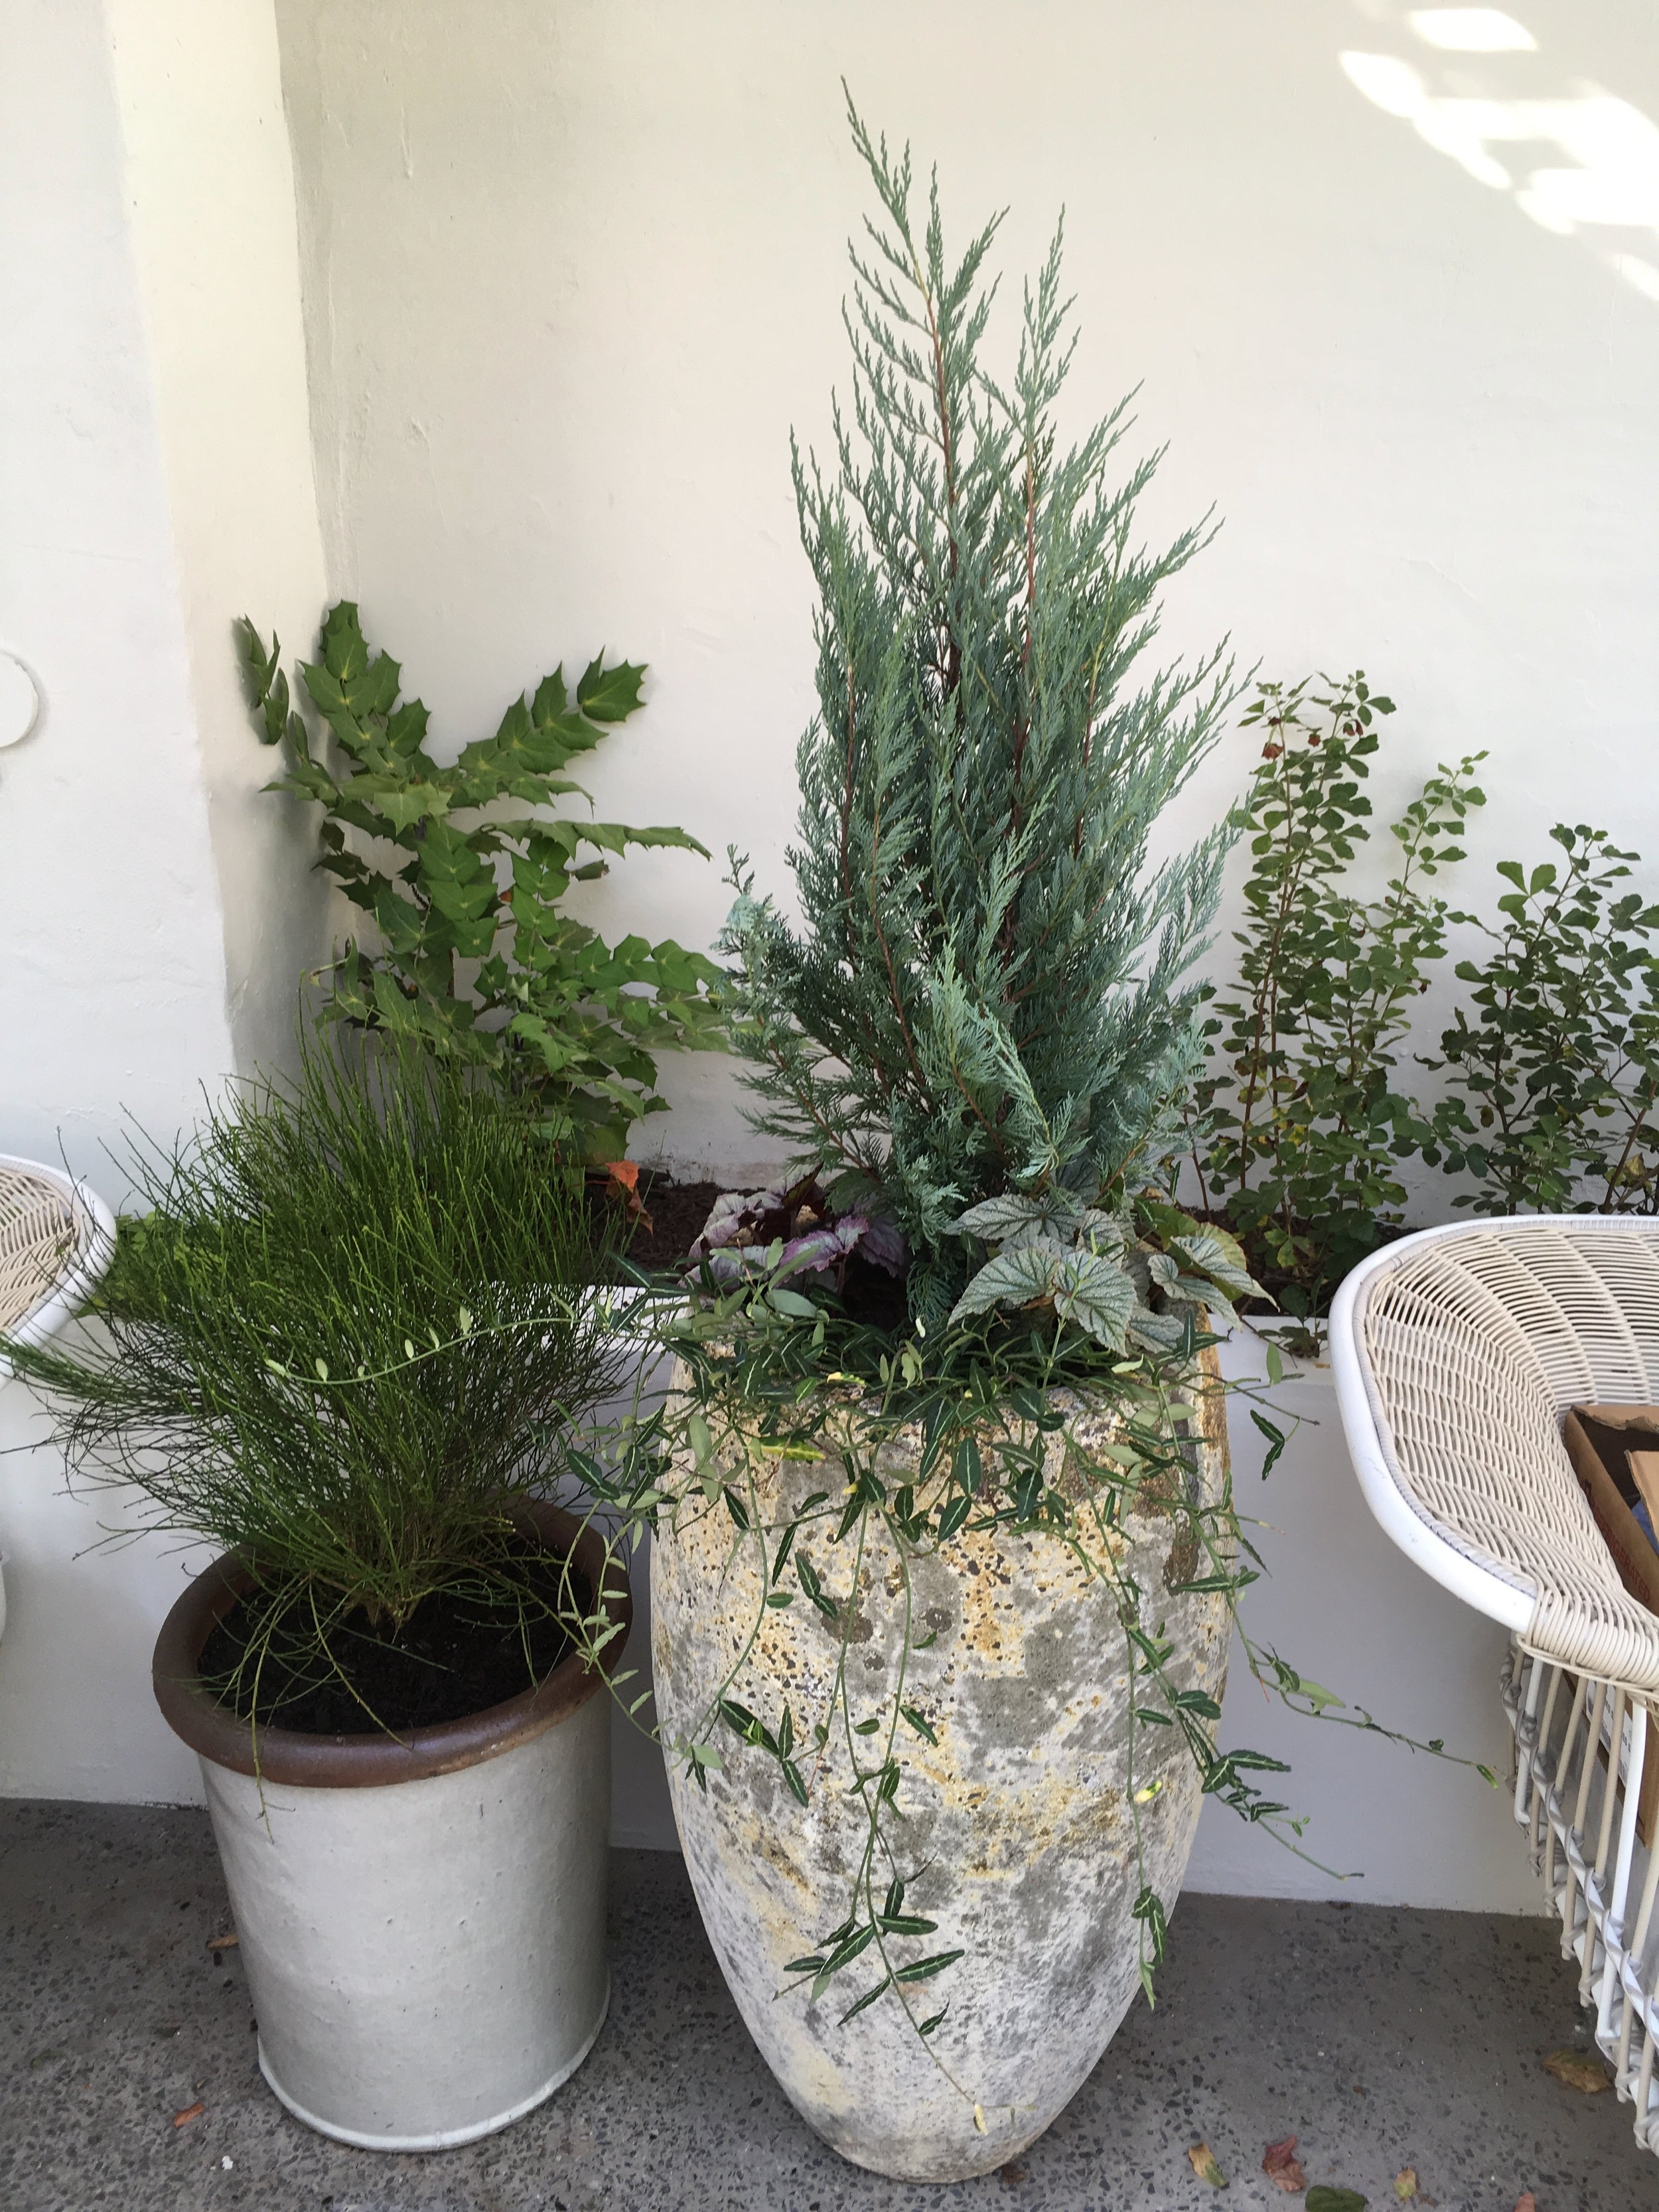 Suraya, the garden